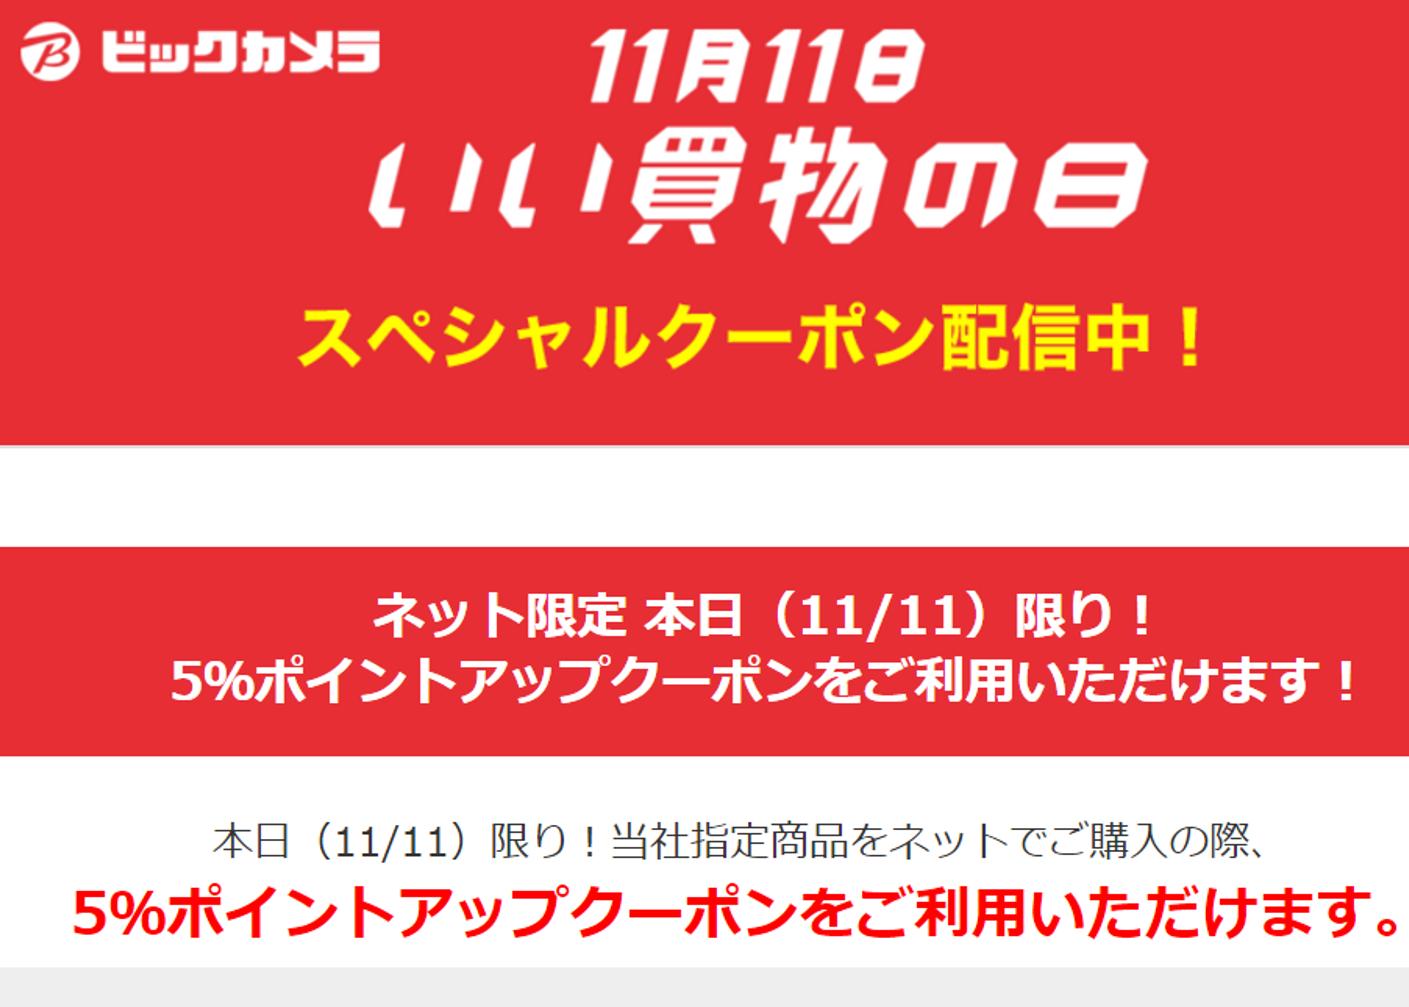 ビックカメラ、Webで「いい買物の日」11/11限定5%ポイントアップセールを実施!